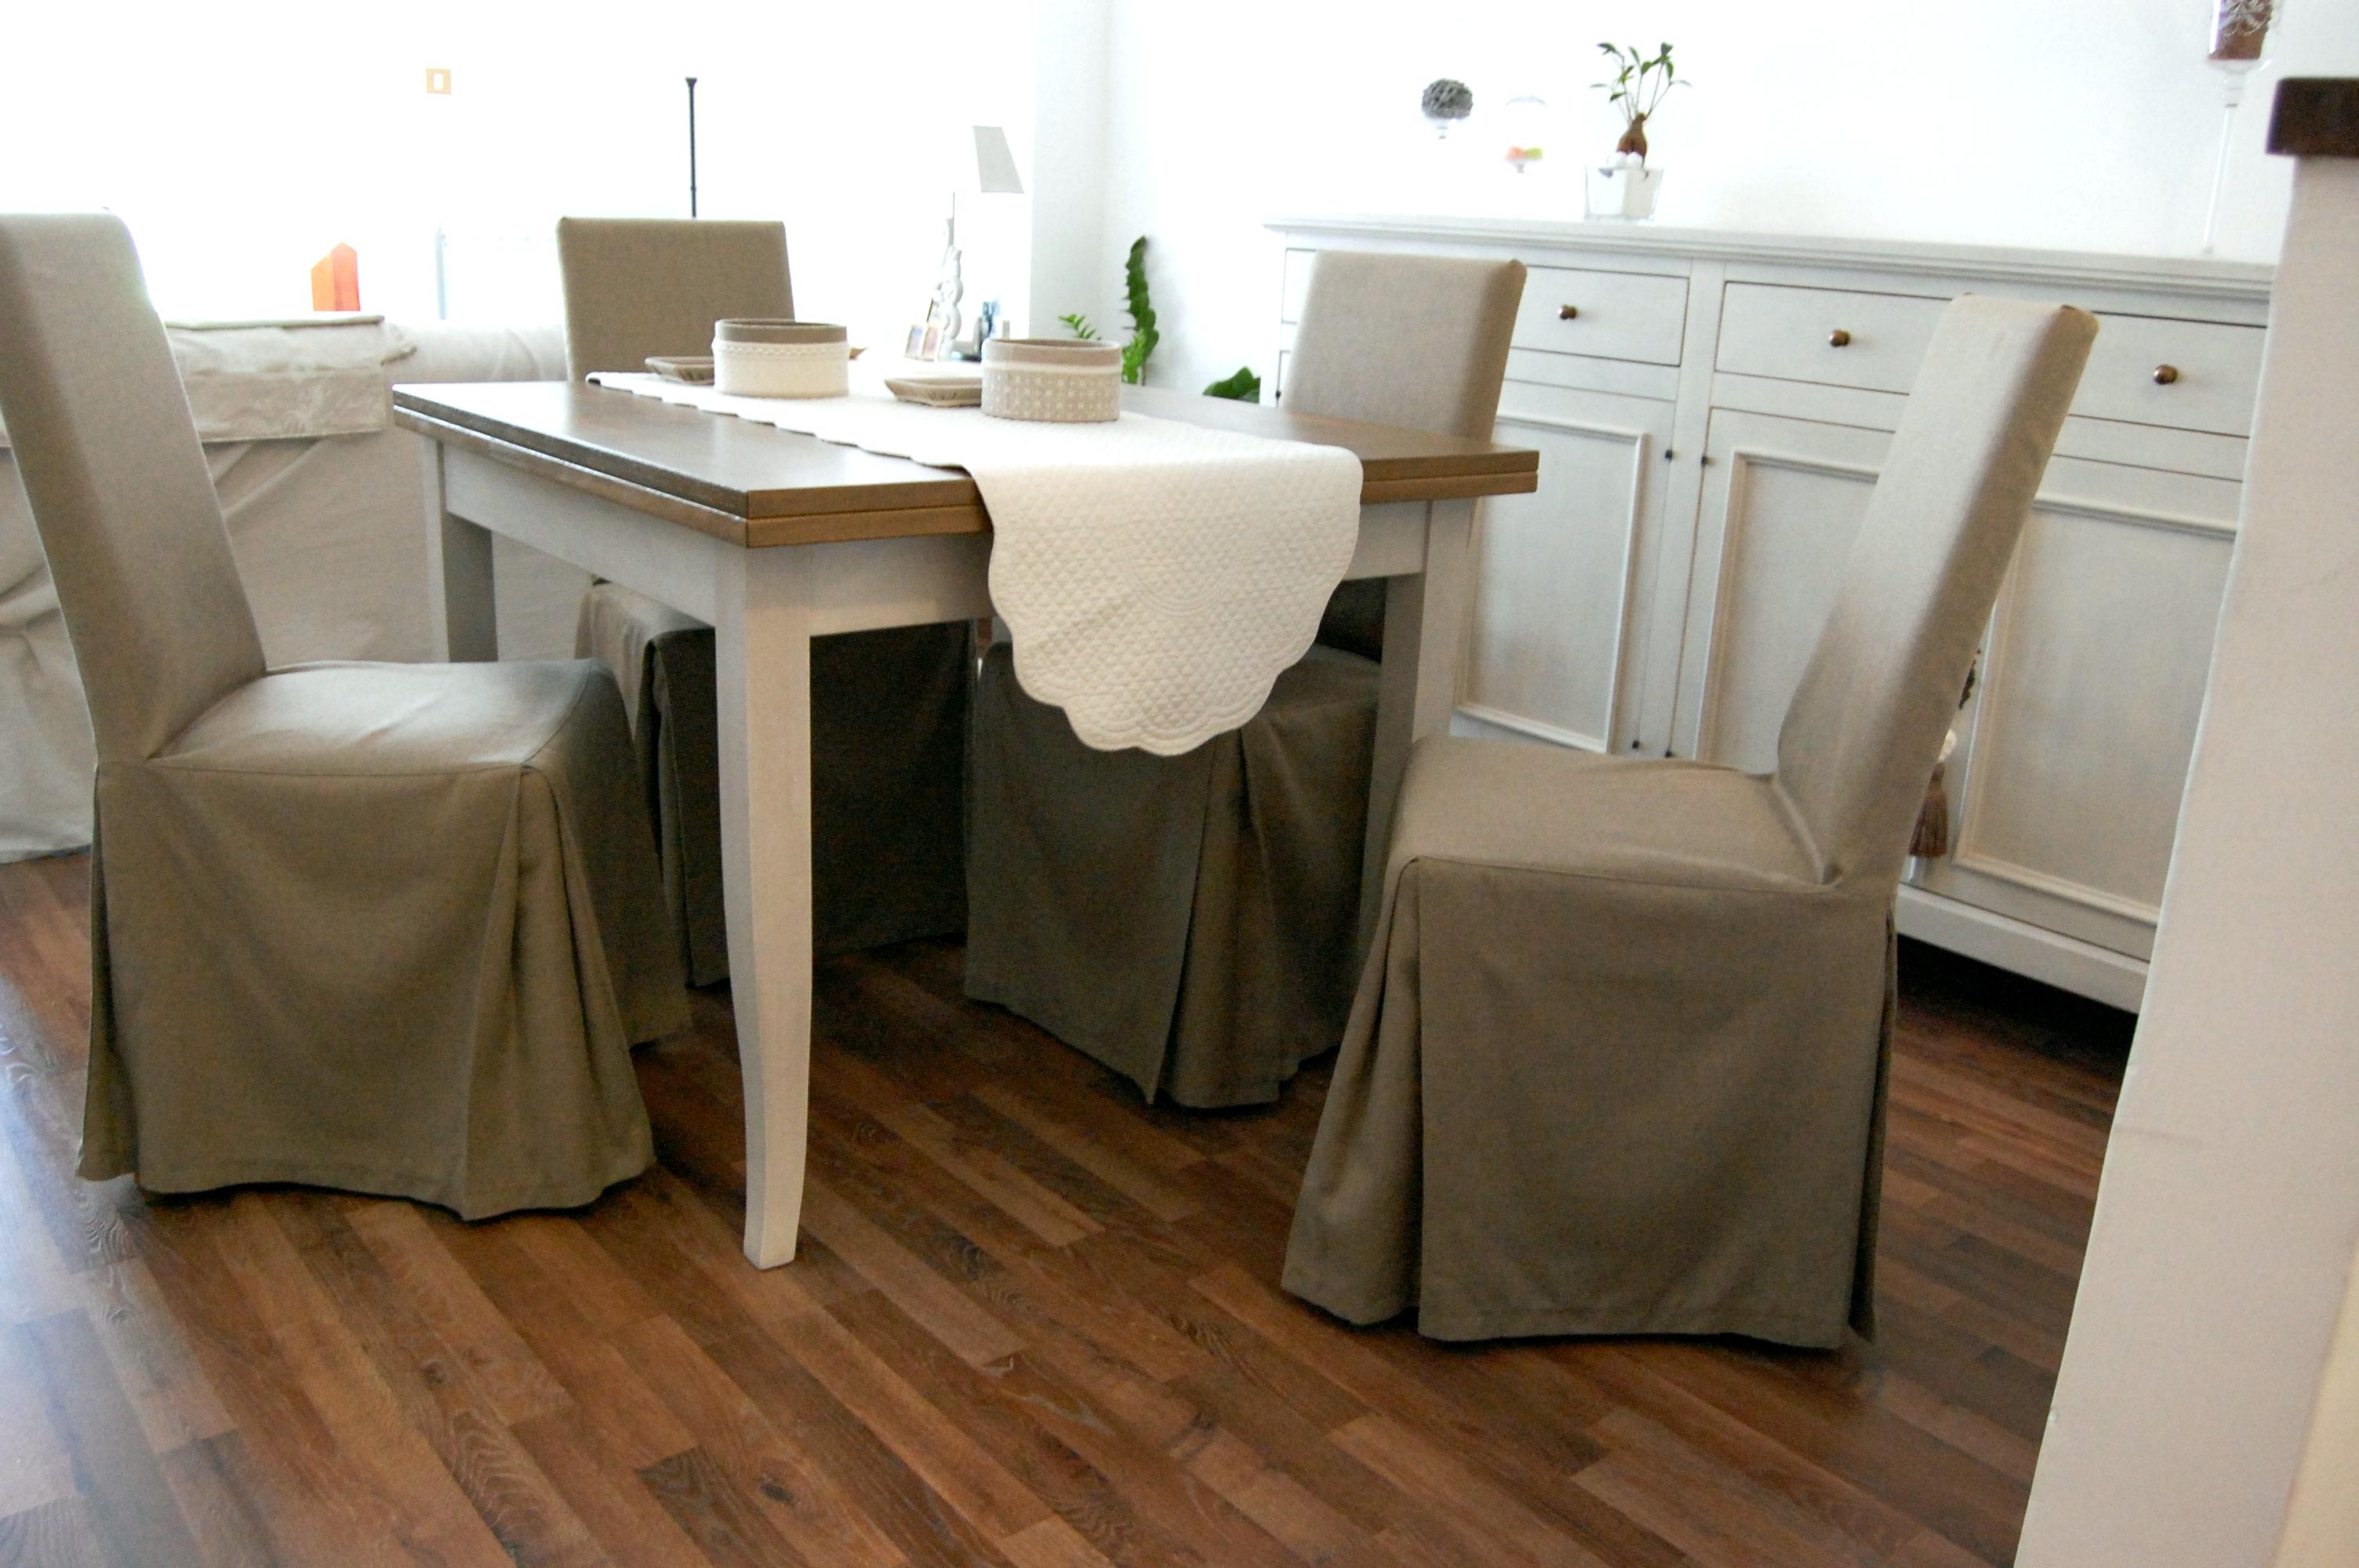 Mobile soggiorno legno grezzosoggiorni in legno : mobile bagno ...